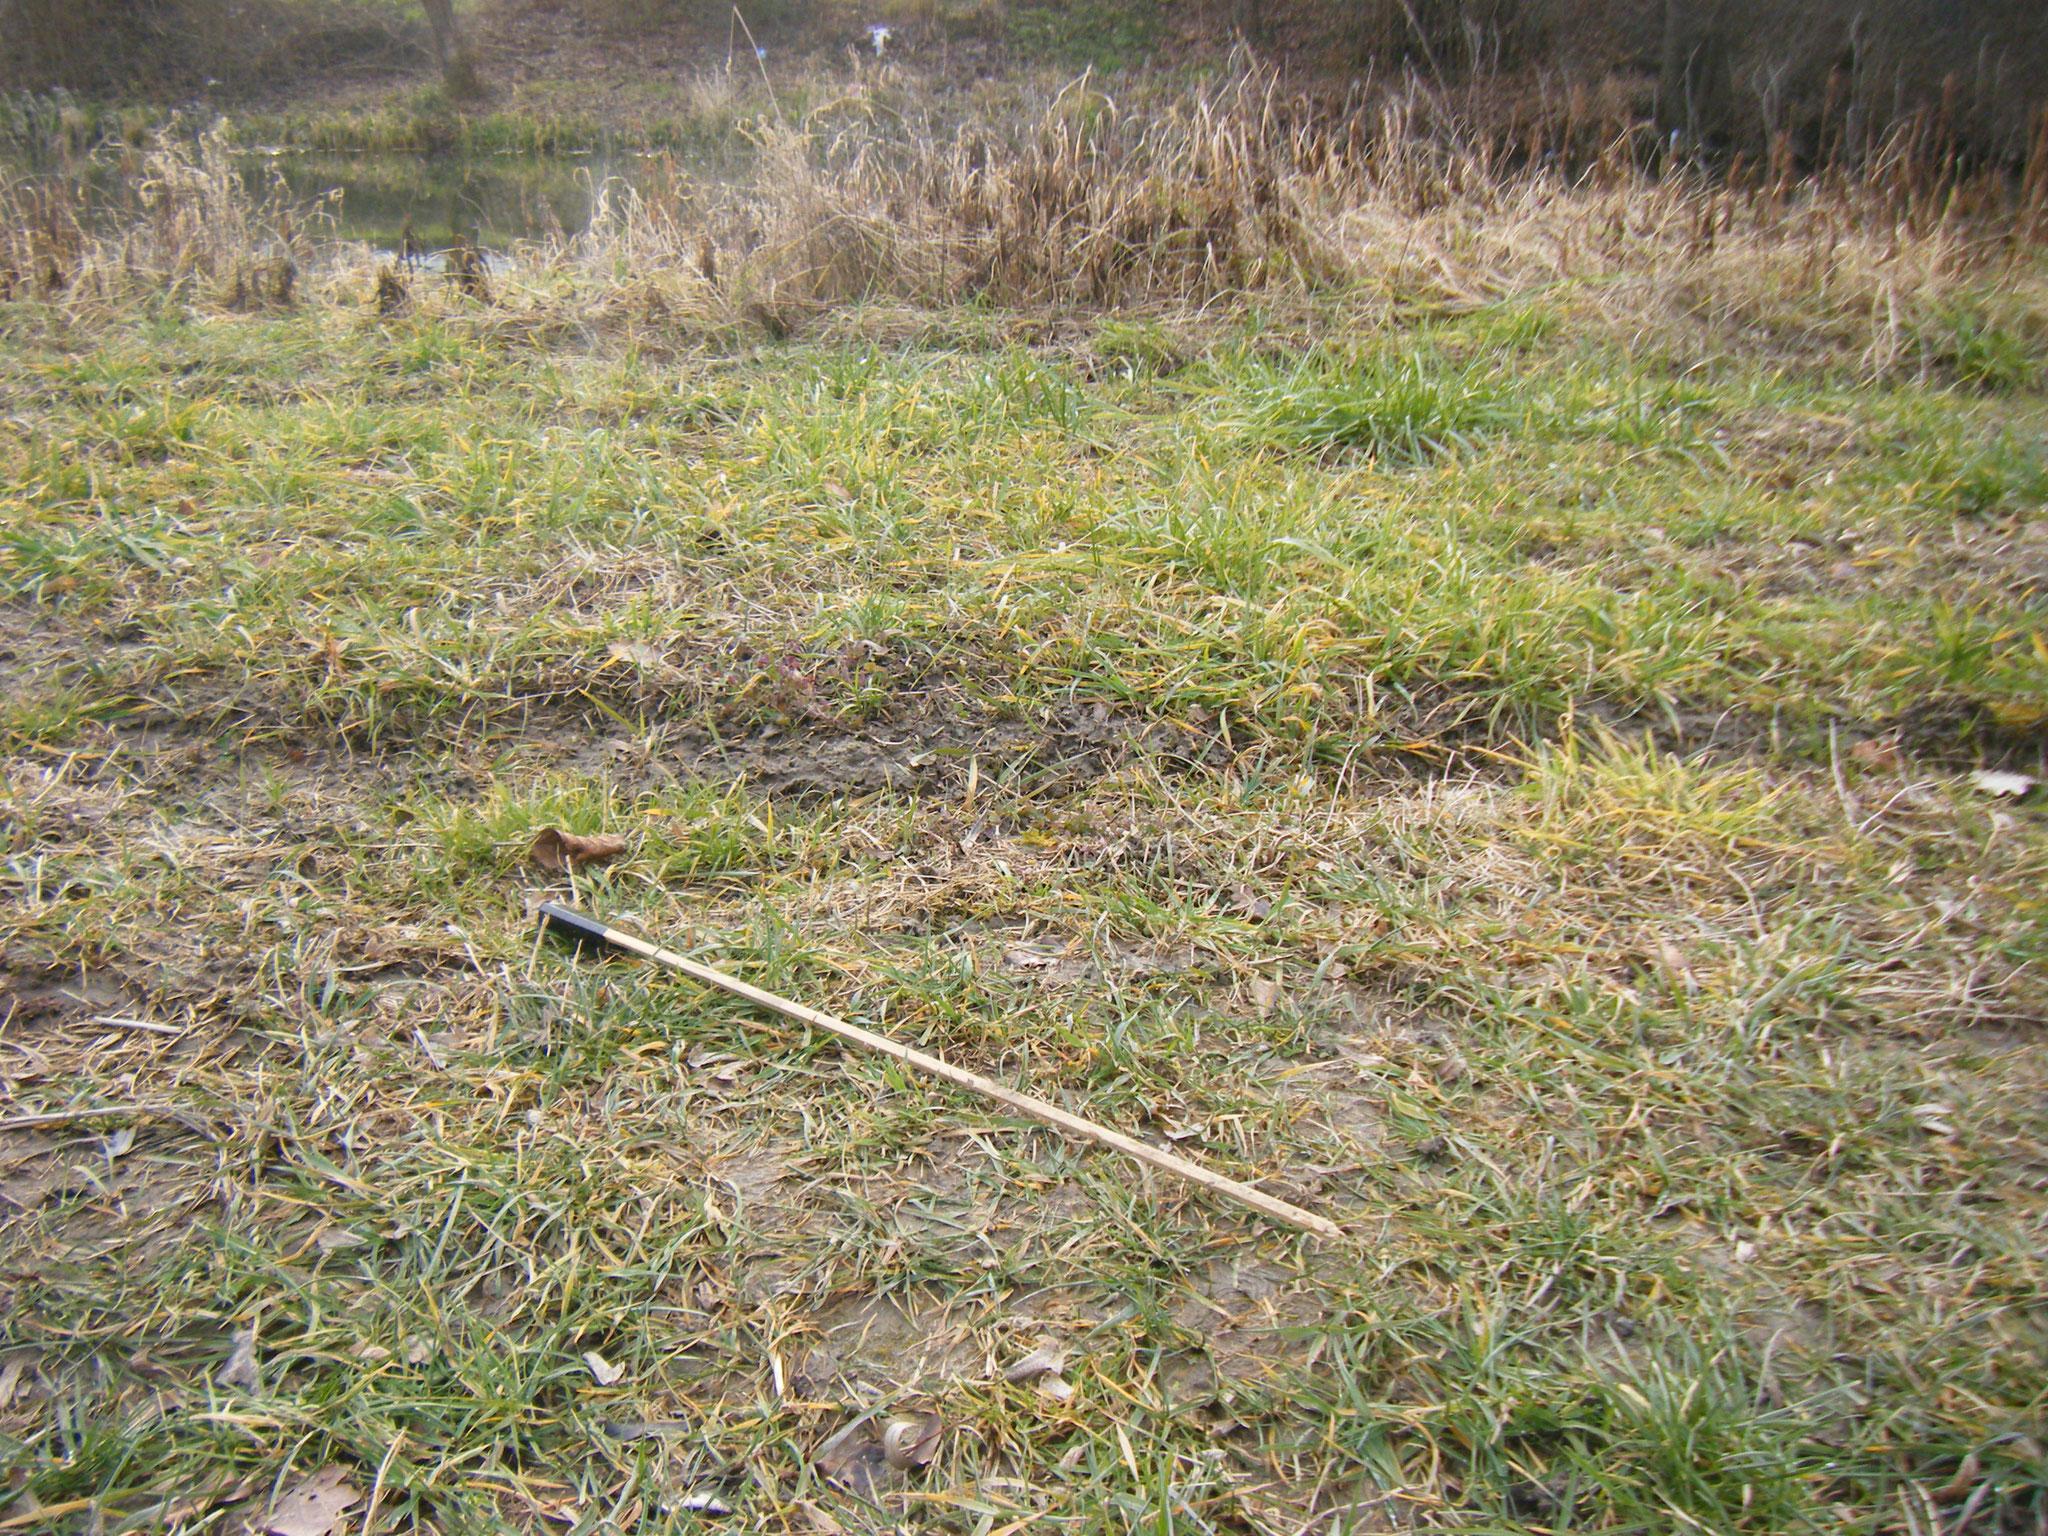 Reste von Silvesterfeuerwerk findet man im Januar flächendeckend überall, sogar tief im Ried und wie hier: auf der Halbinsel des Rundelwehrs